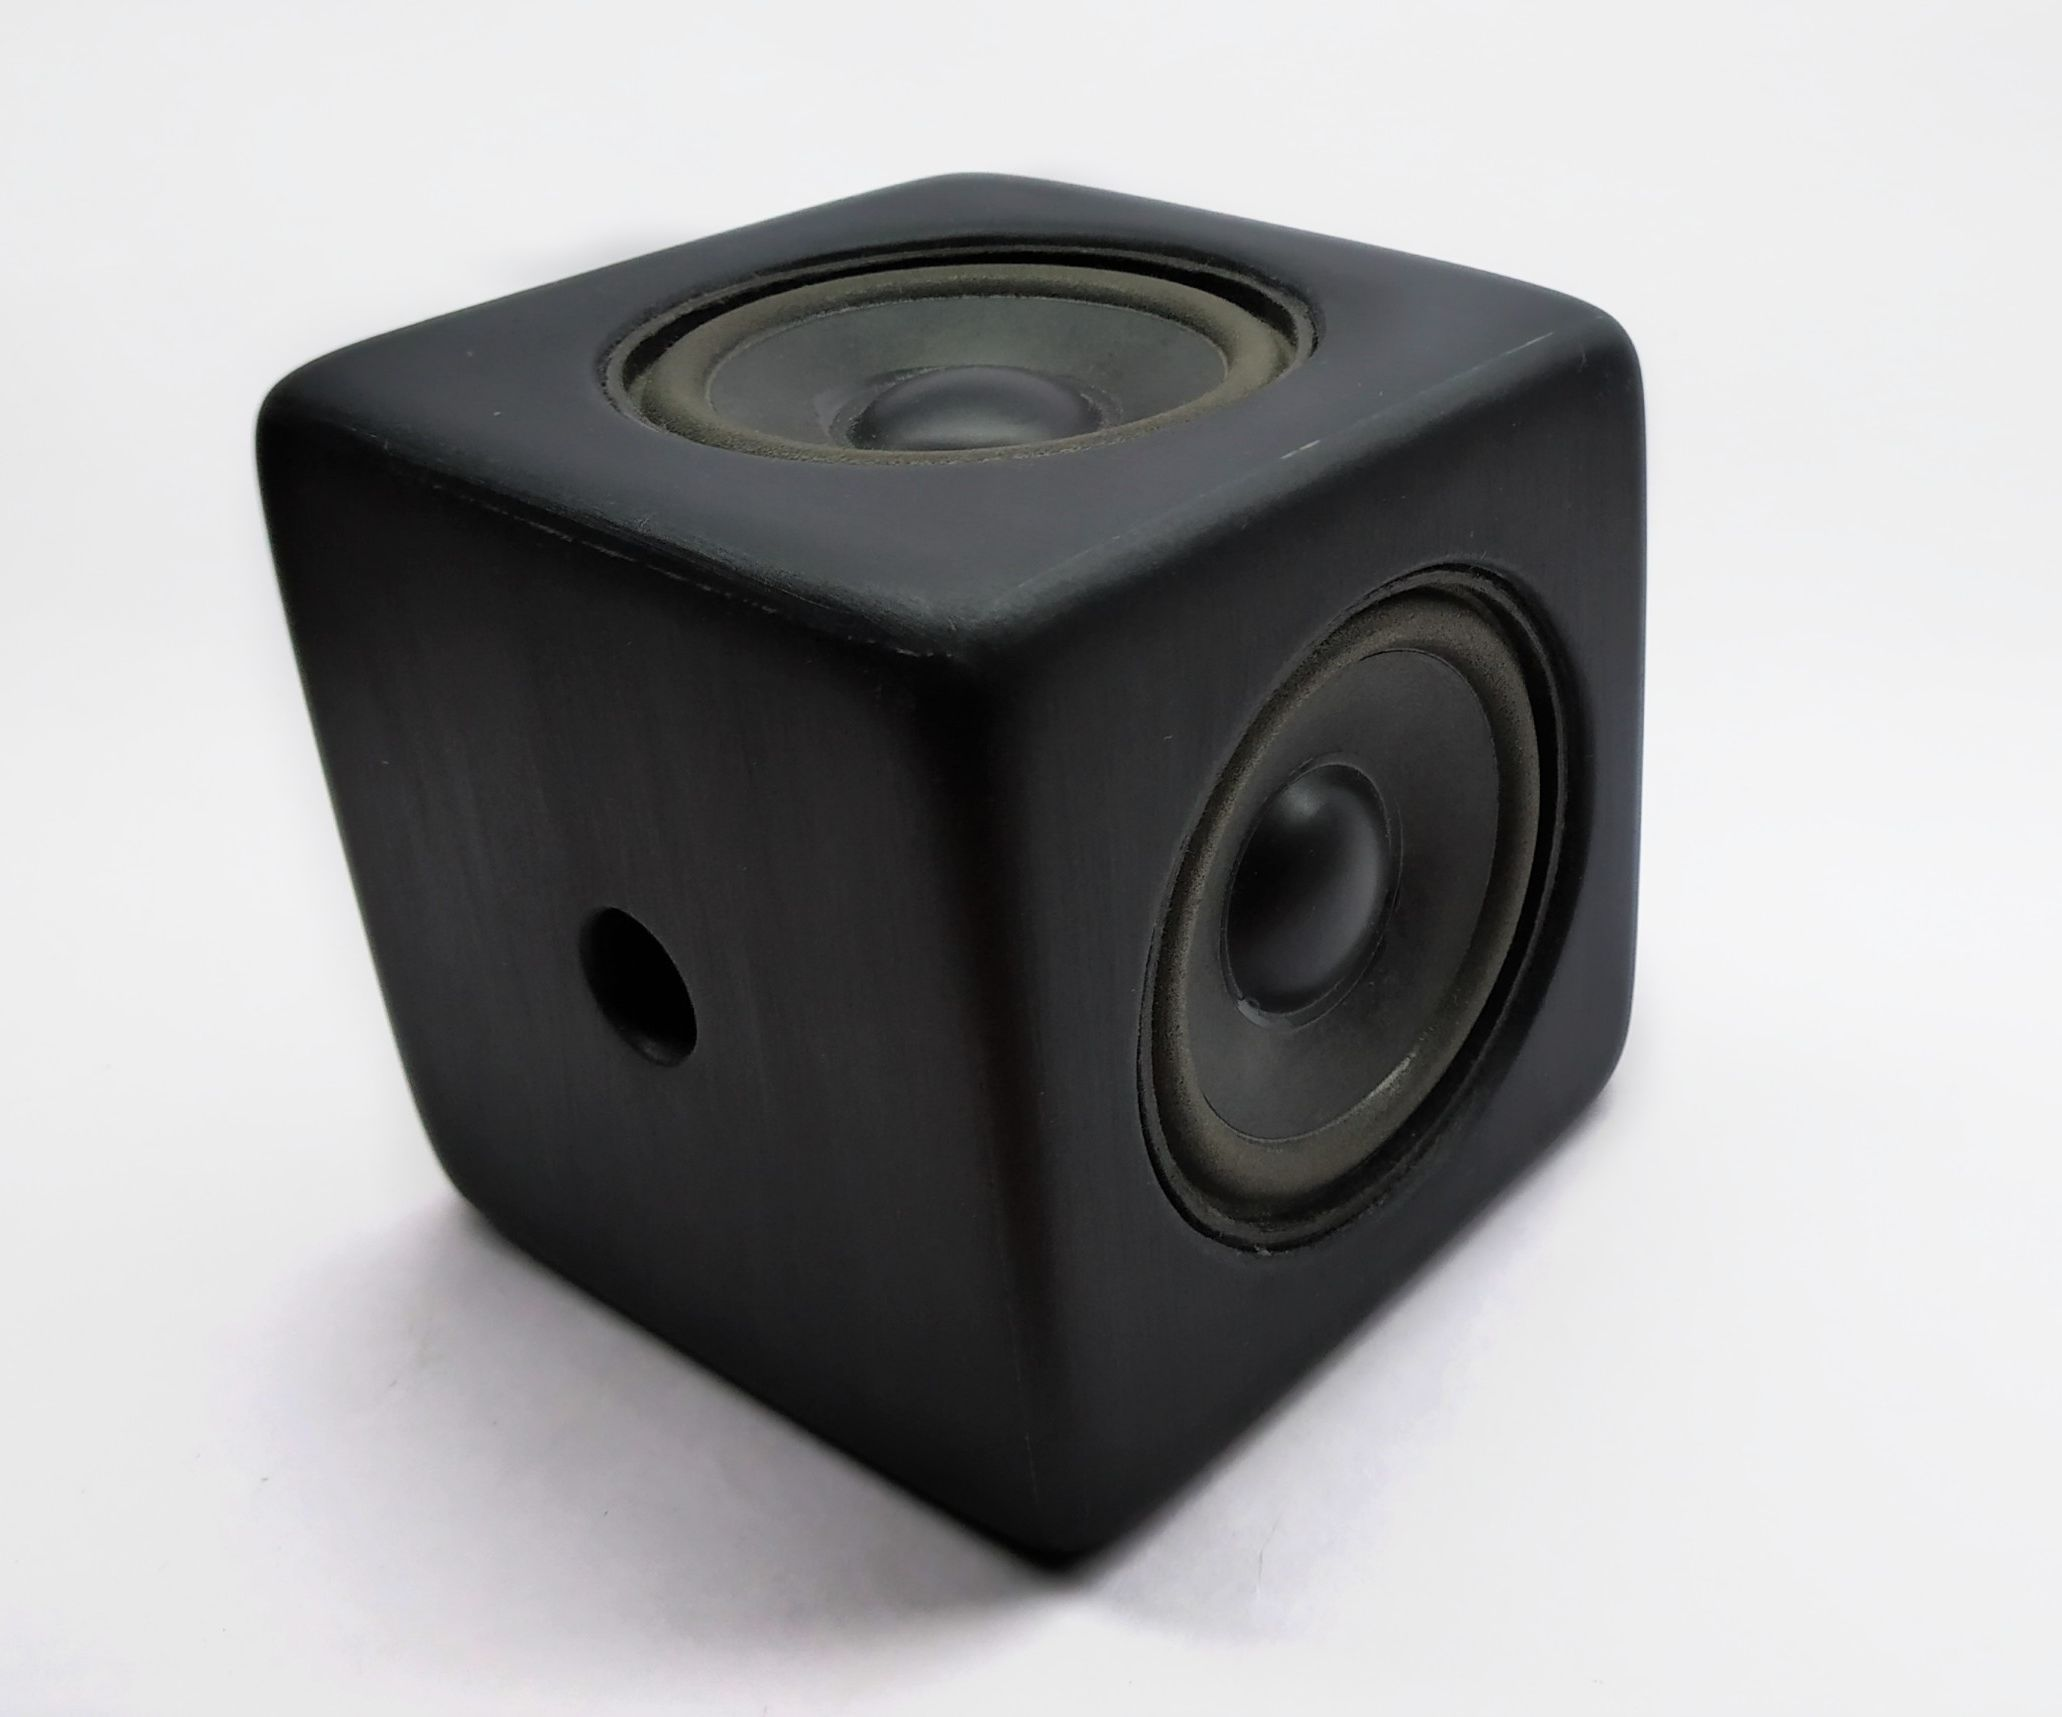 Diy bluetooth speaker cubebox diy bluetooth speaker